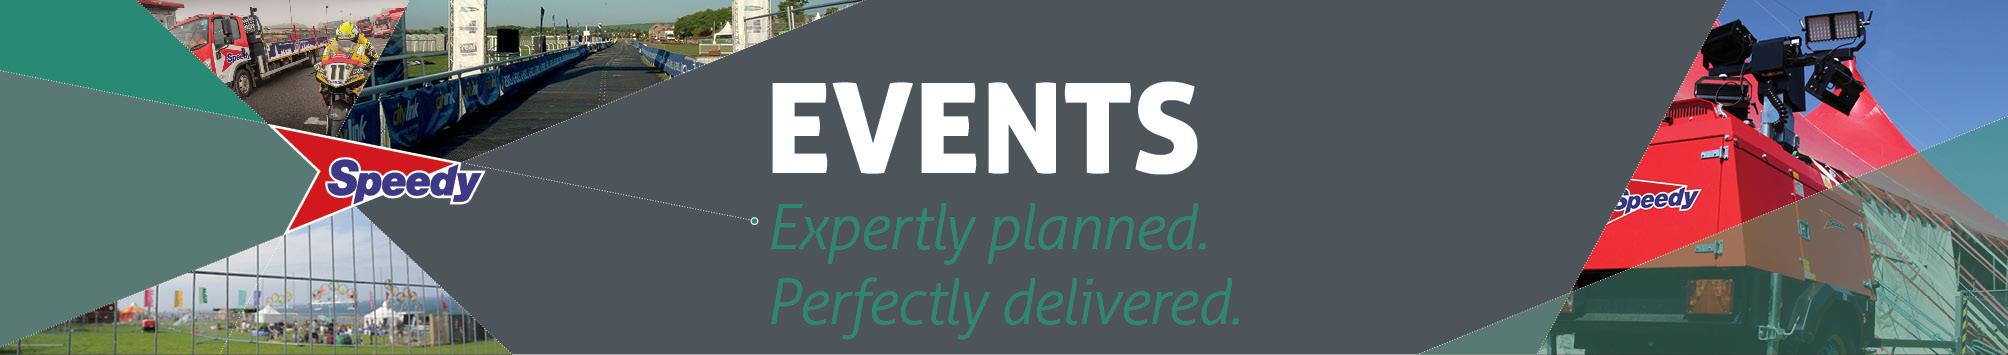 Events Landing Page Header V2.jpg